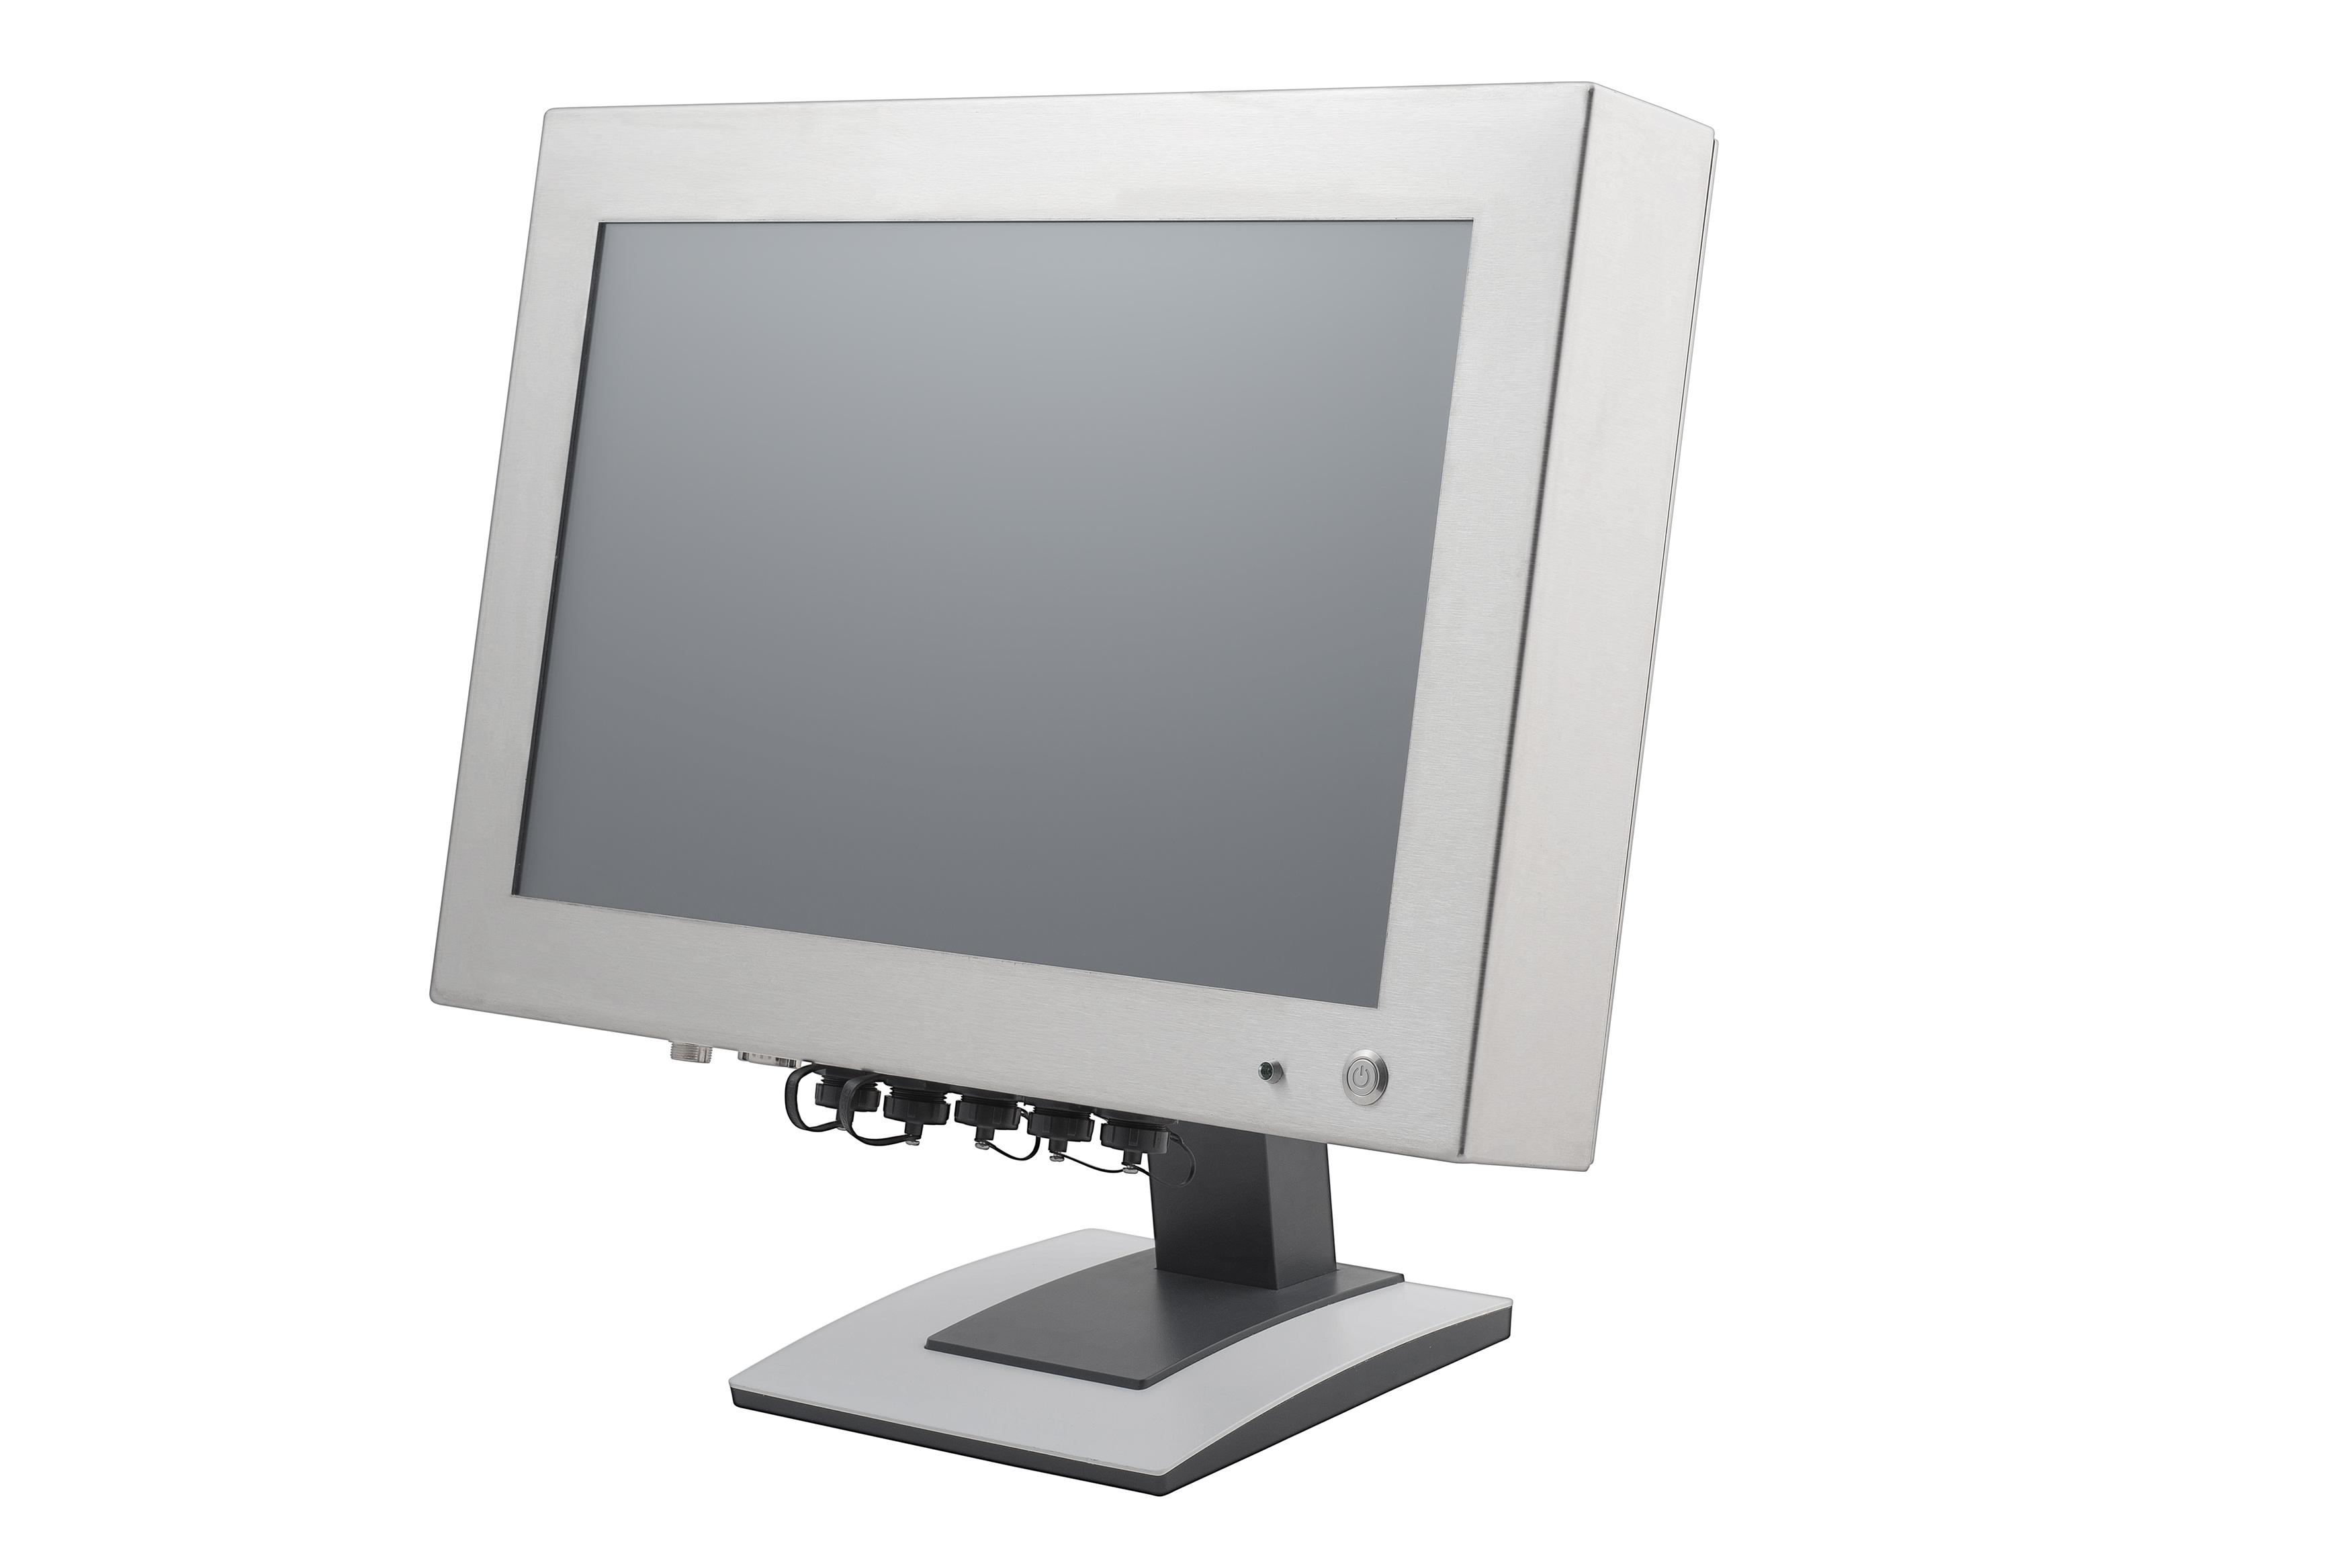 Промышленный компьютер IPC1900FWP